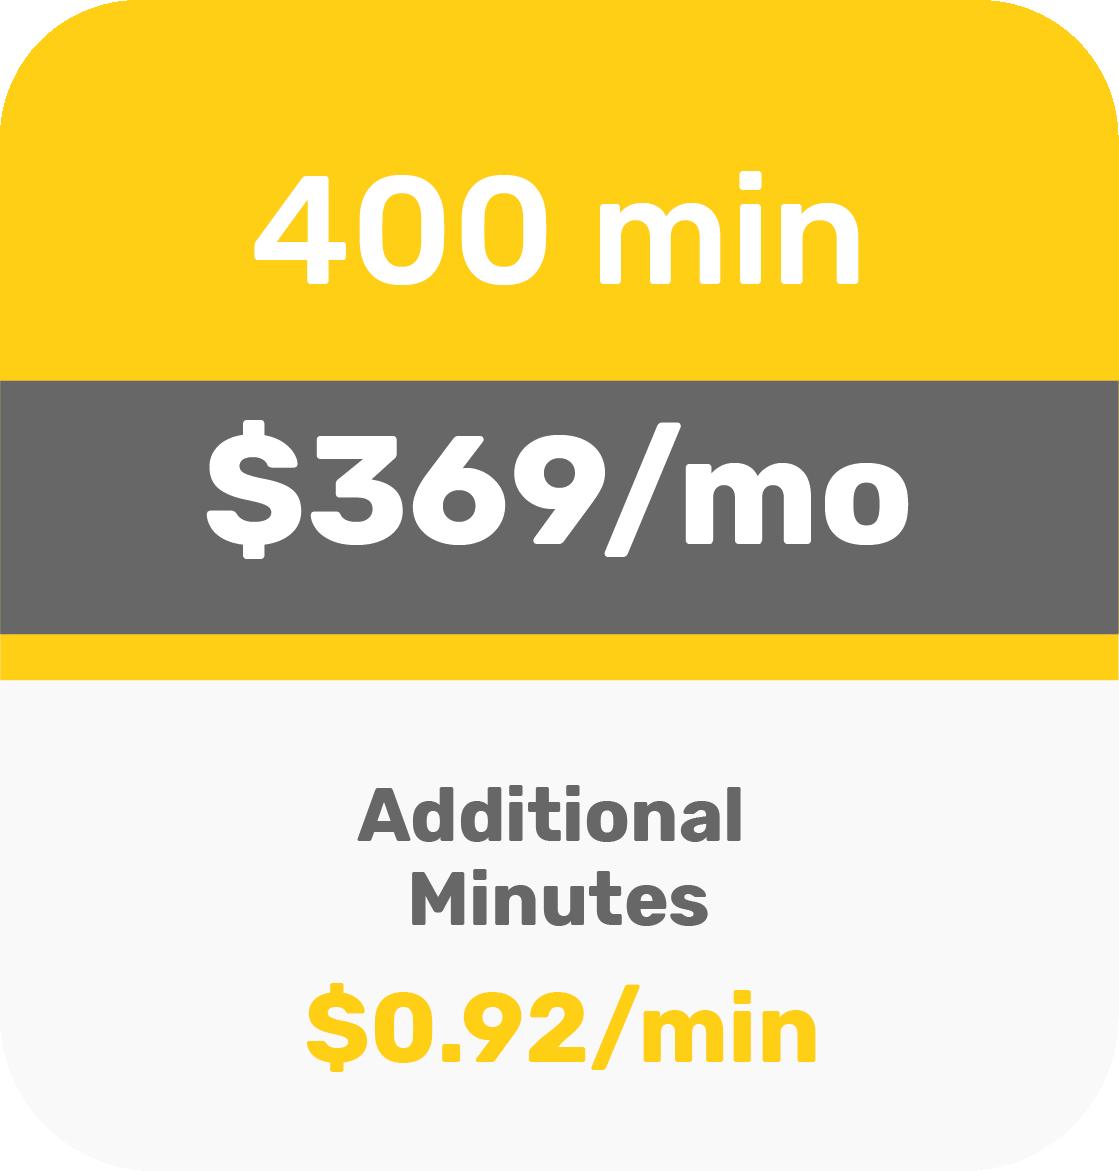 400 min - $369 per month